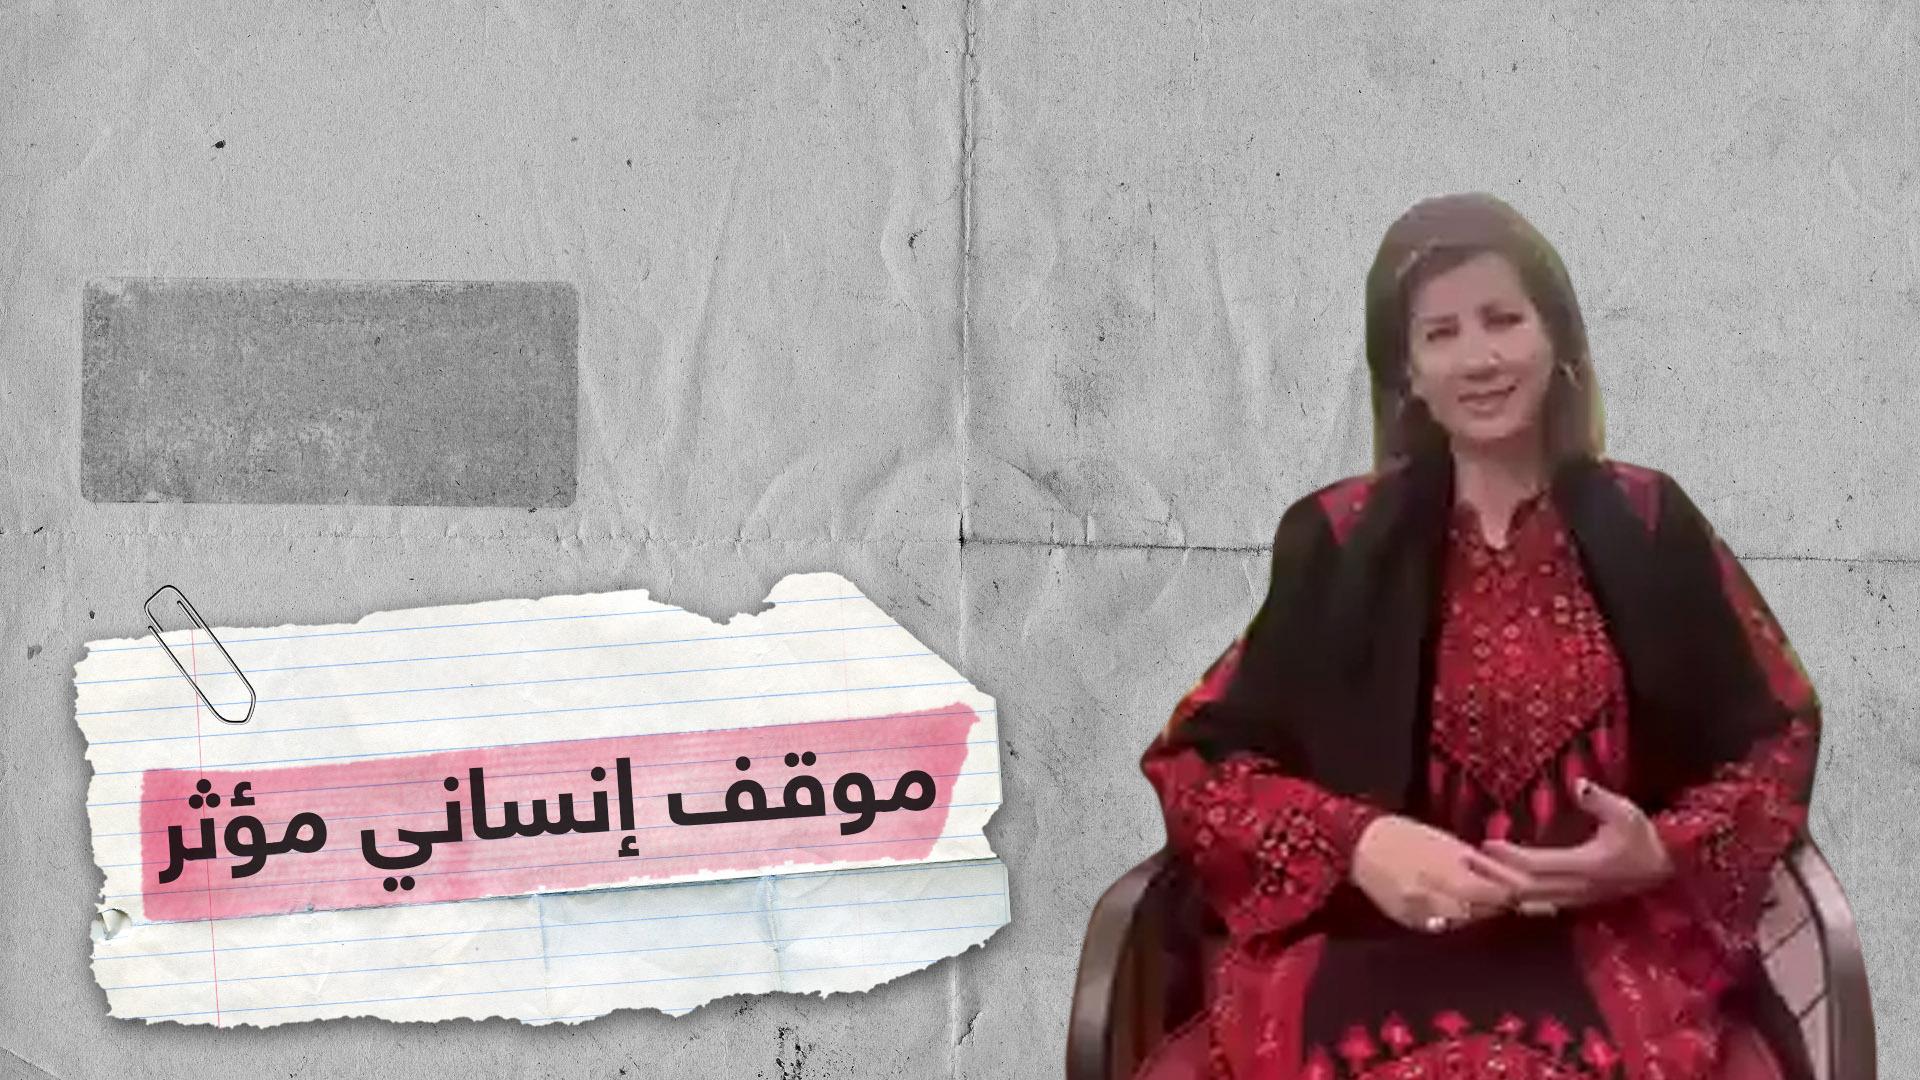 طلاب مغتربون في موقف إنساني مؤثر مع أساتذتهم الأردنية